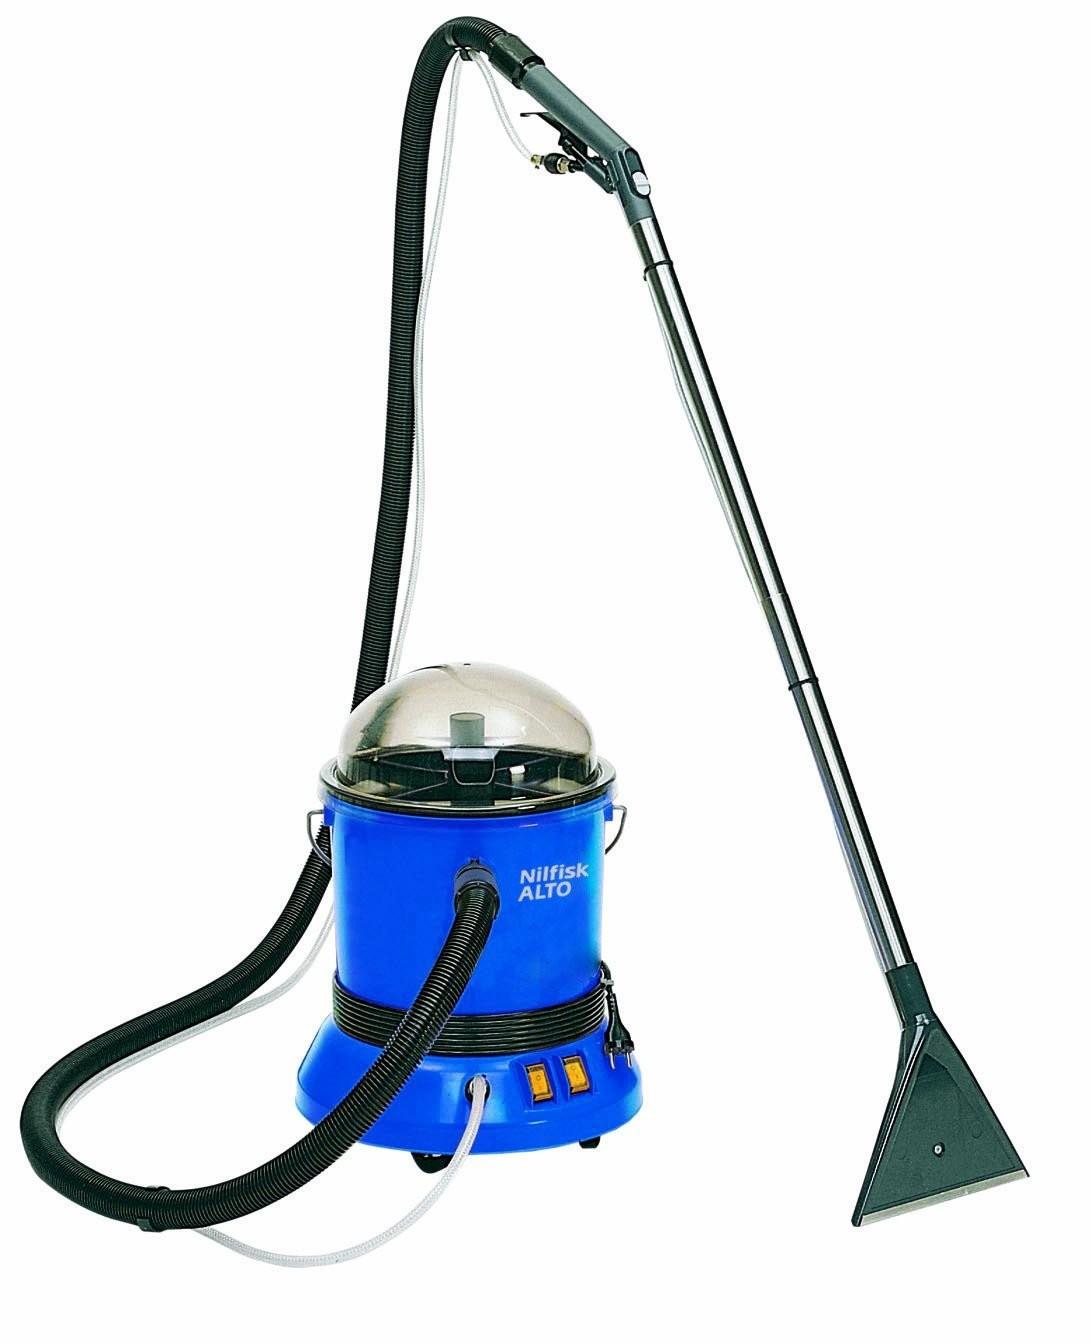 Μηχανή Πλύσης Στέγνωσης δαπέδου - υφασµάτων HOME CLEANER